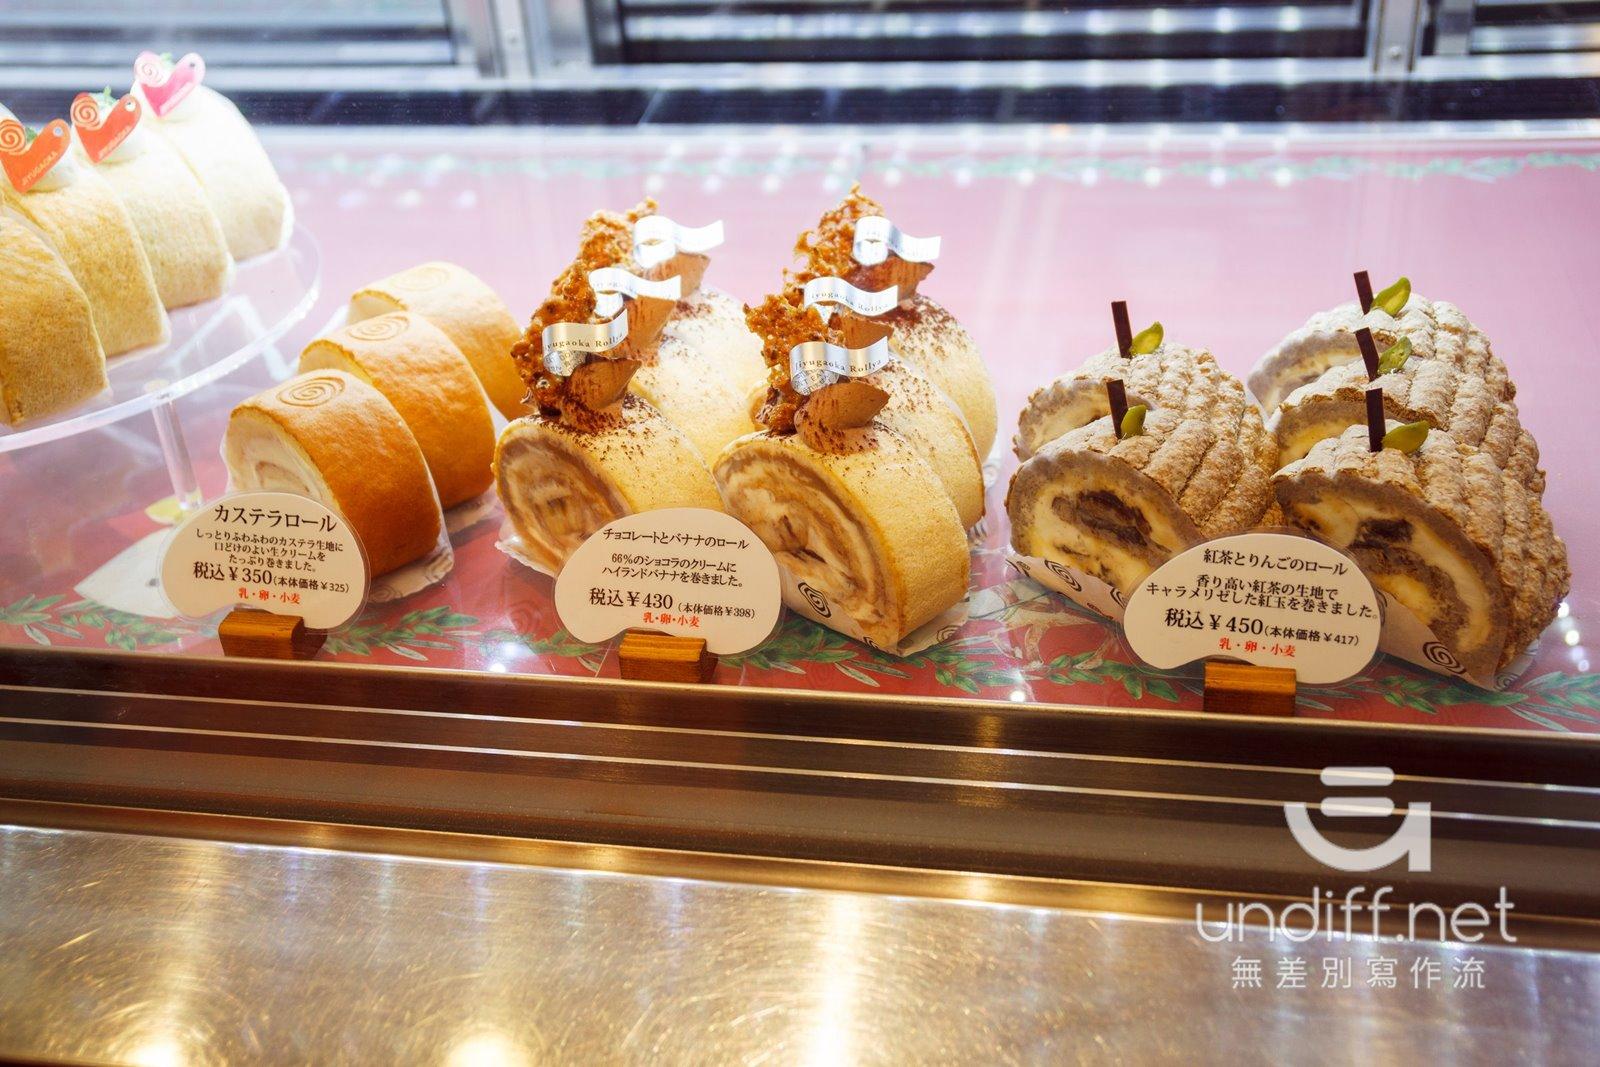 【東京美食】自由之丘 ロール屋 》樸實就很好吃的瑞士蛋糕捲專賣店 10